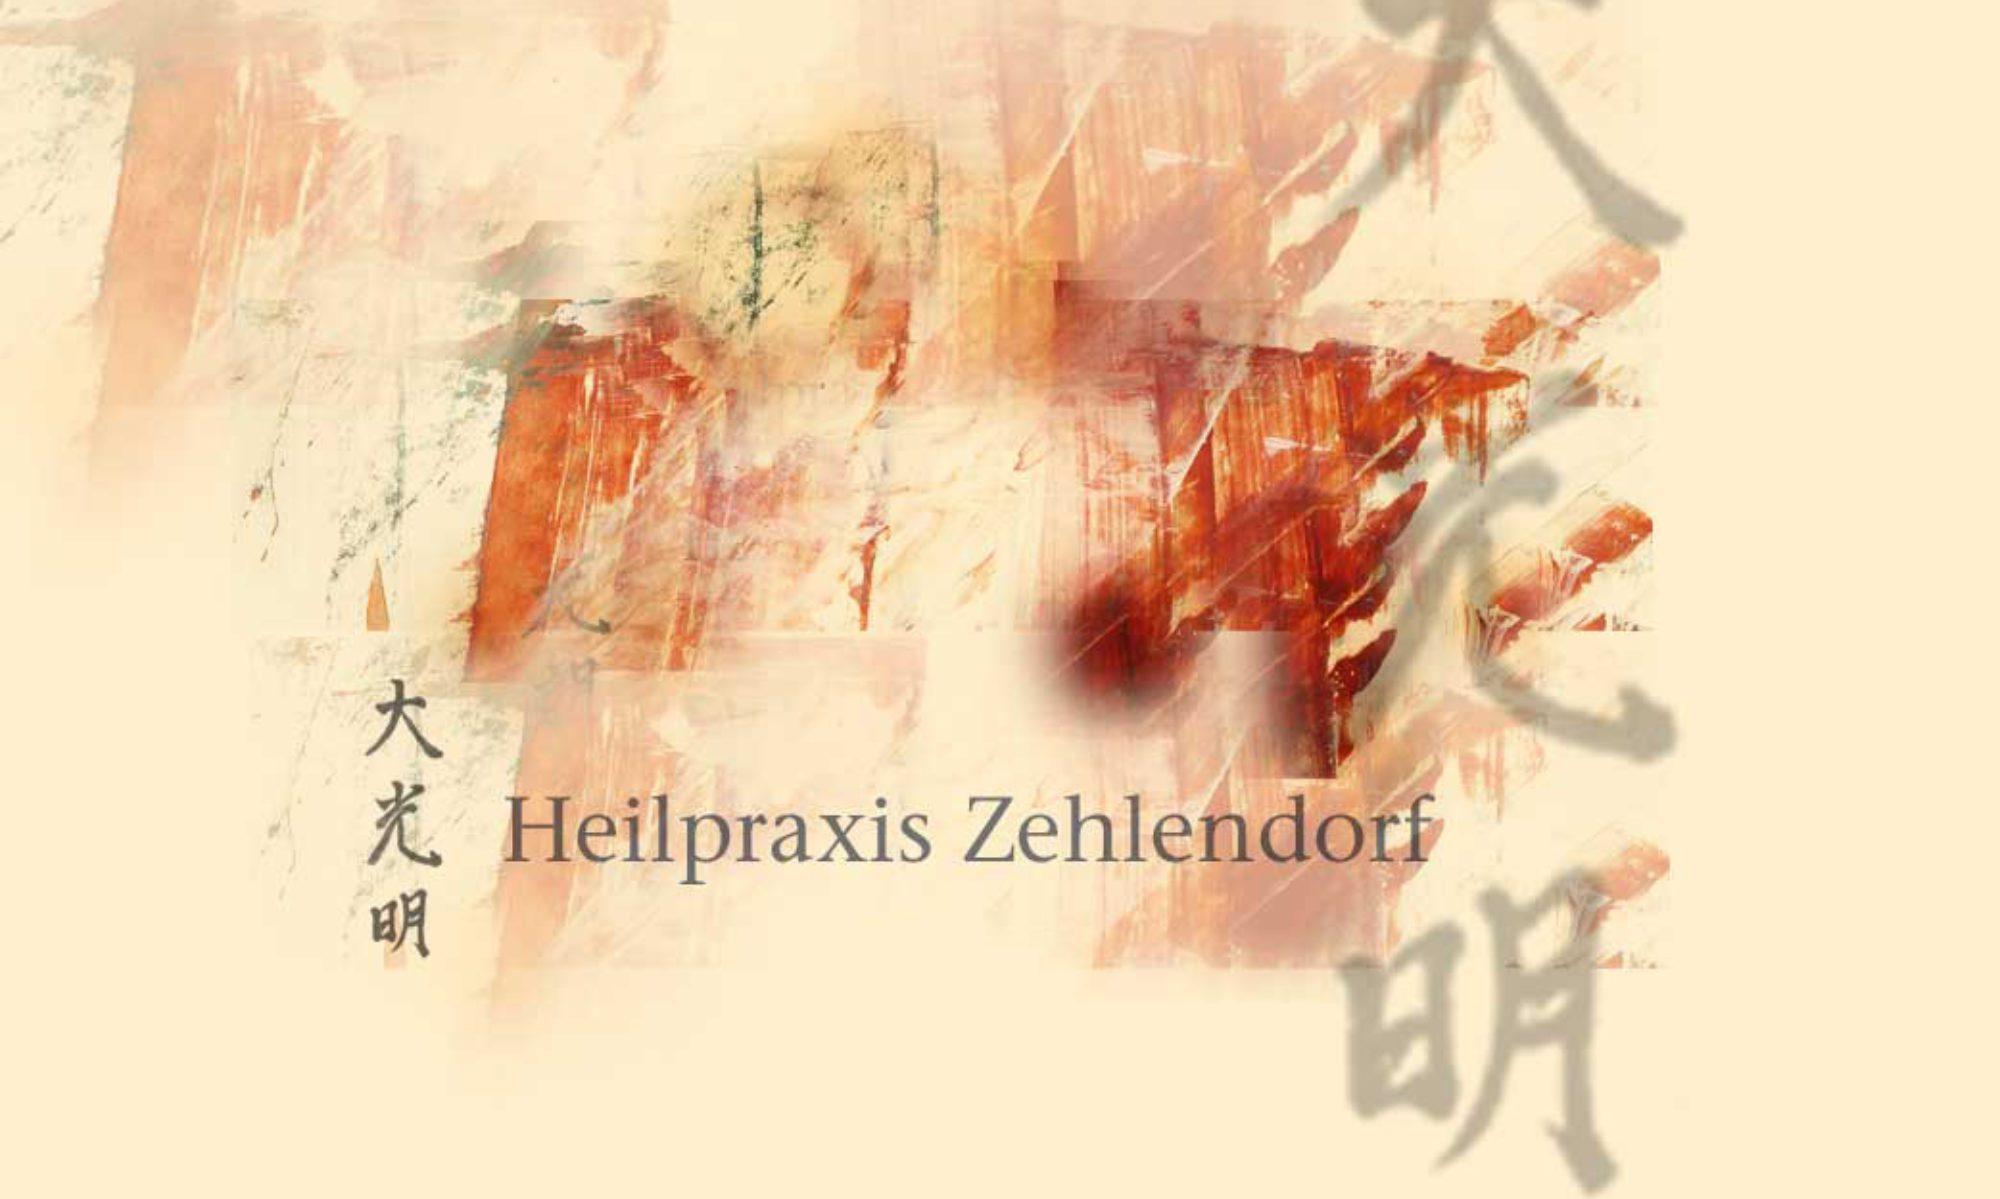 Heilpraxis Zehlendorf